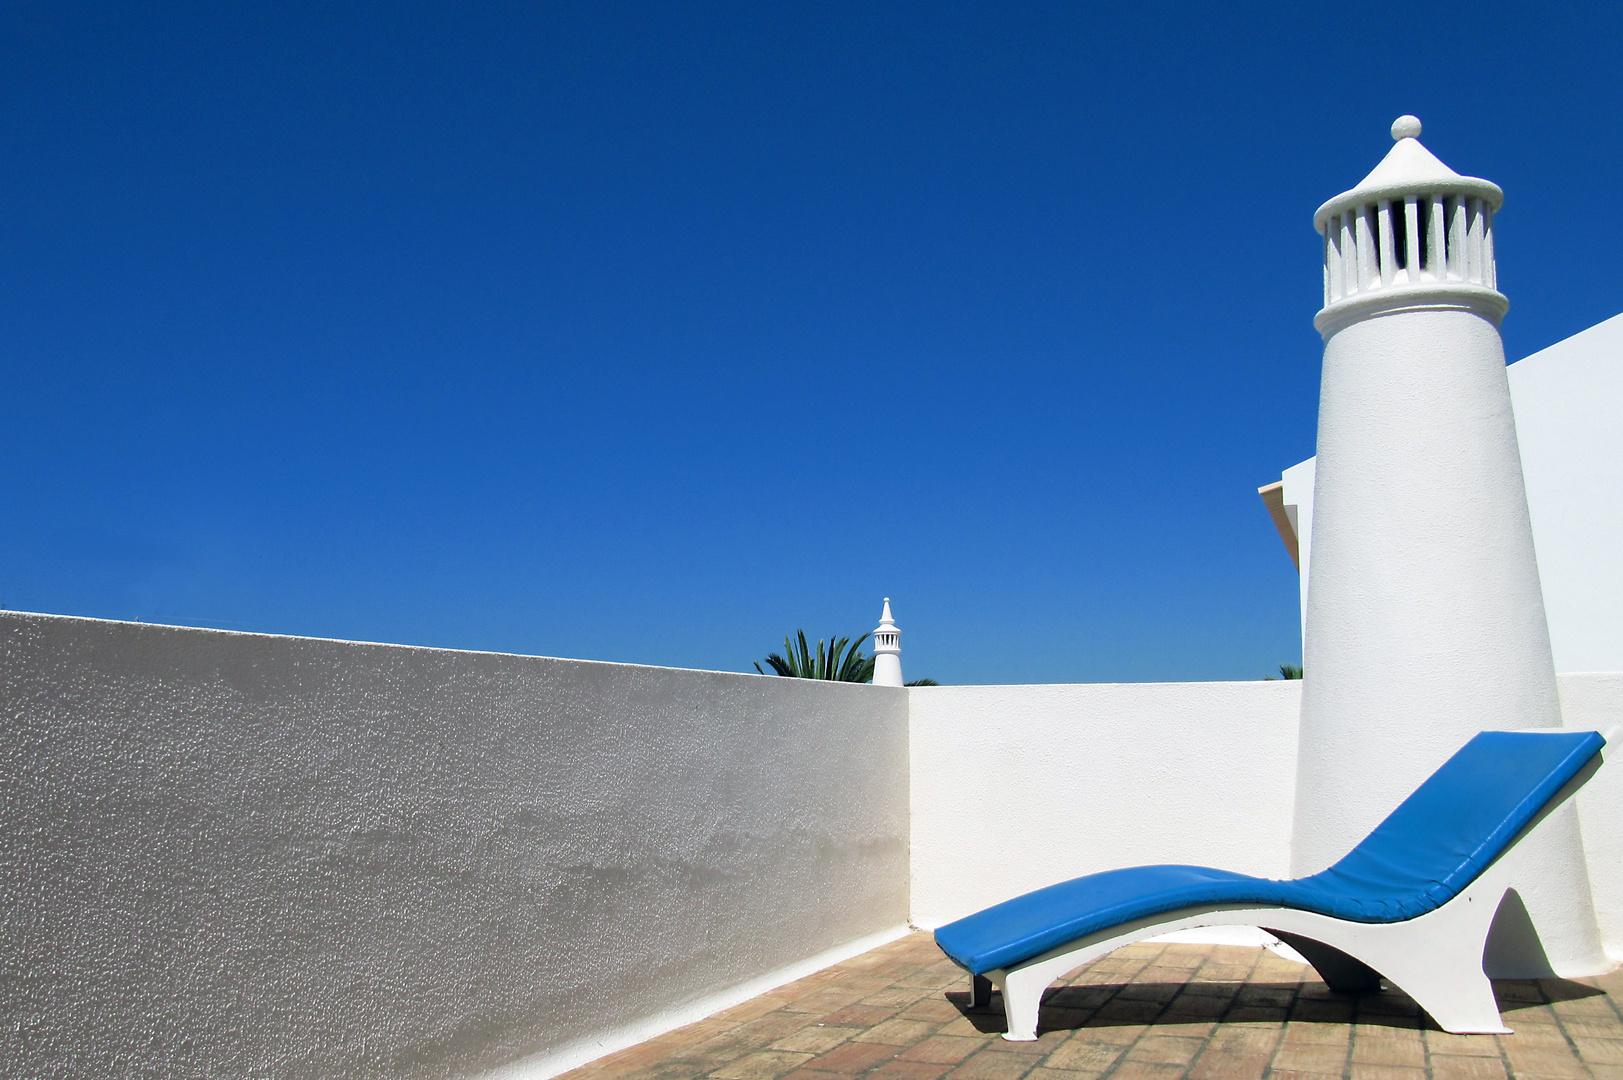 Portugal- Farben und Formen- idealler Ort zum Entspannen